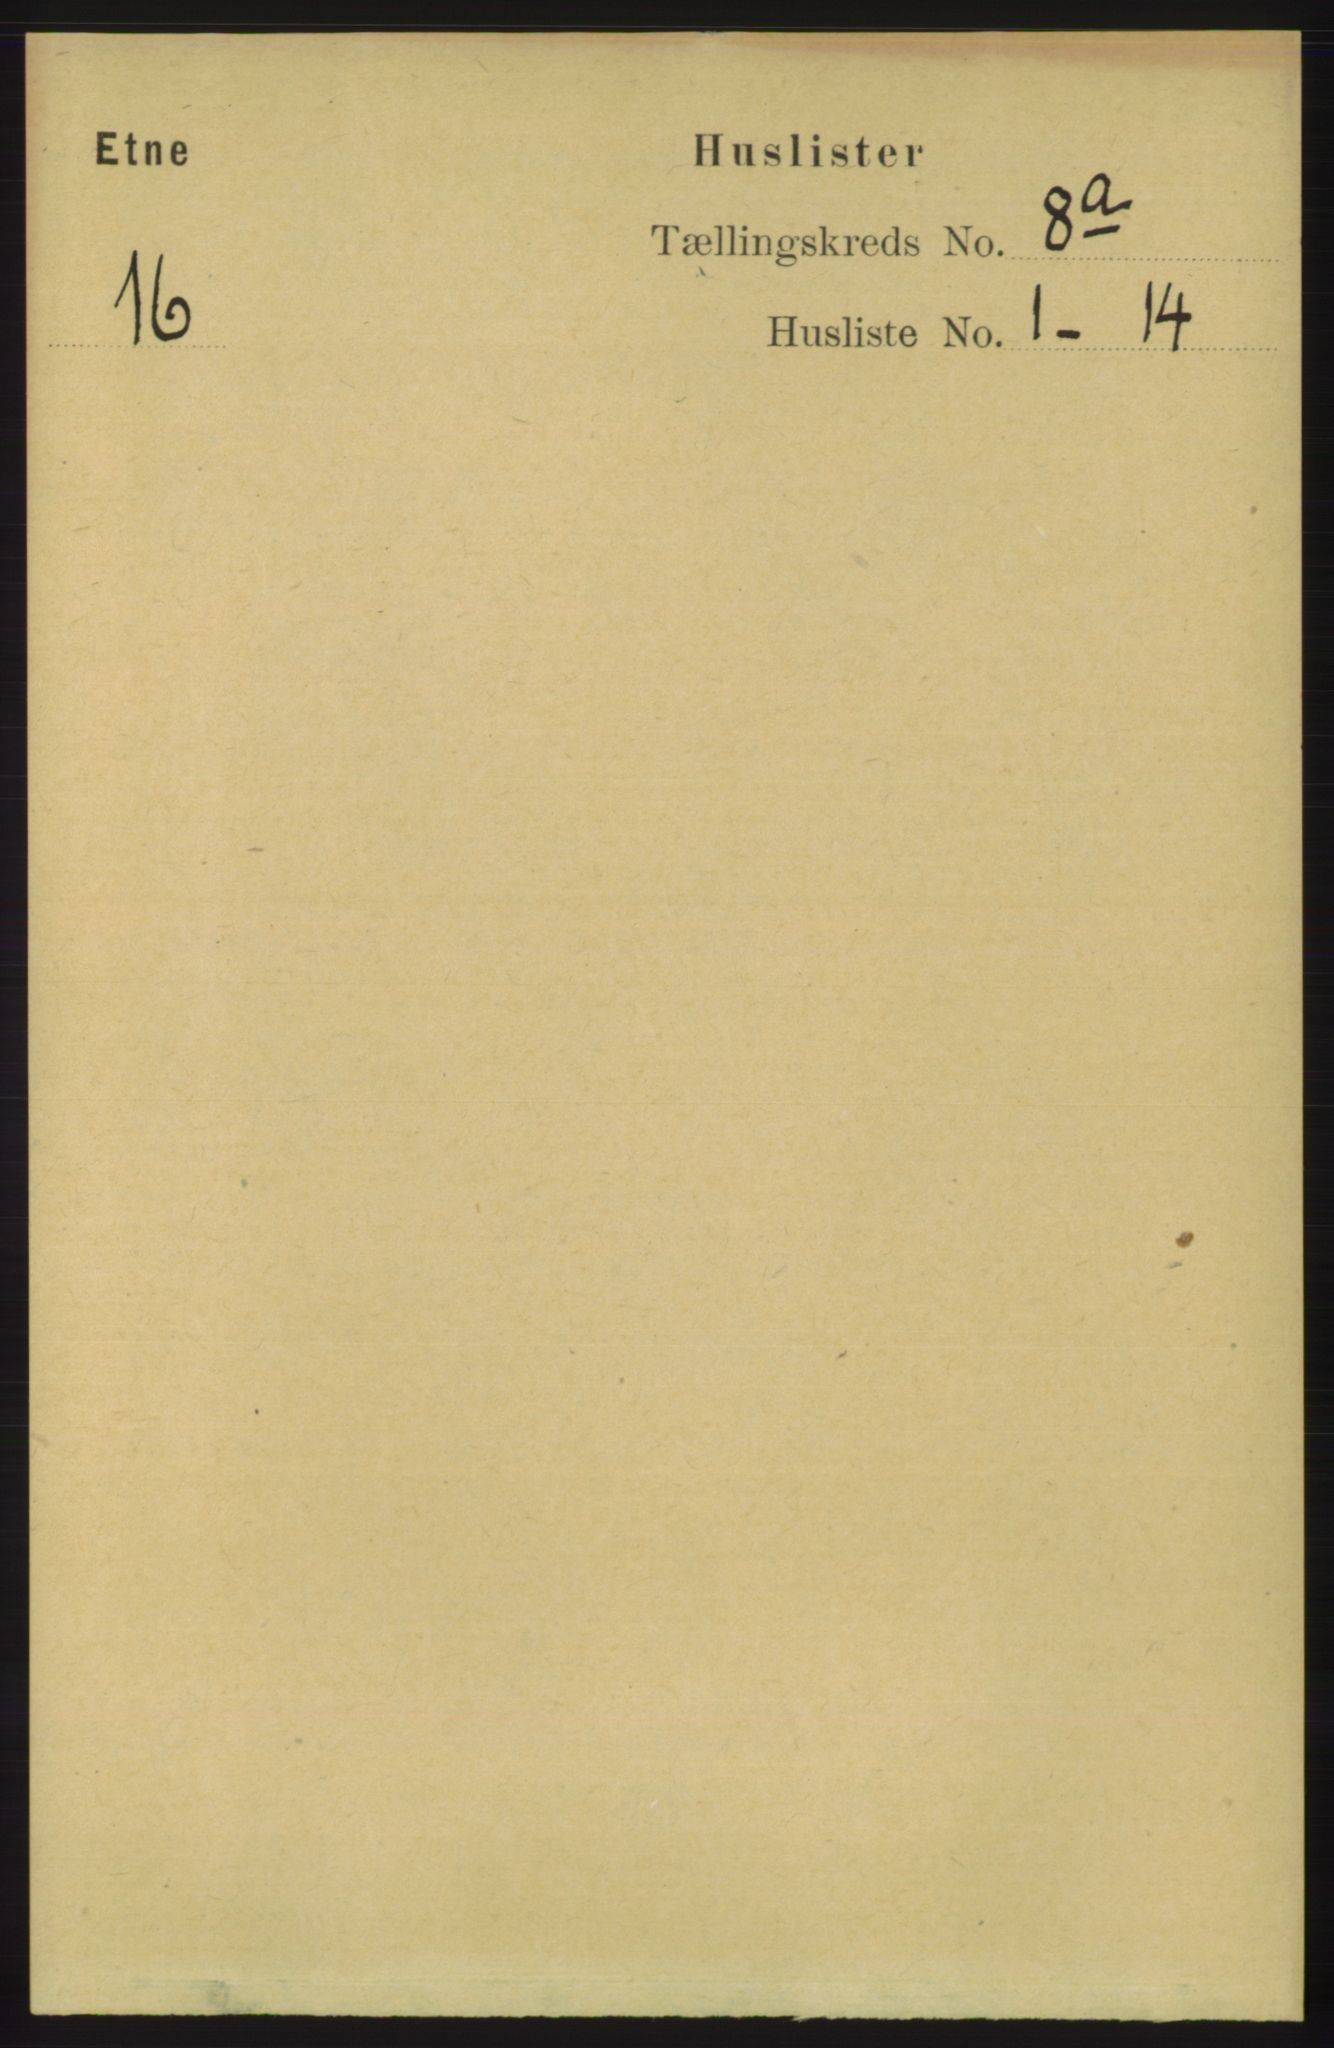 RA, Folketelling 1891 for 1211 Etne herred, 1891, s. 1522